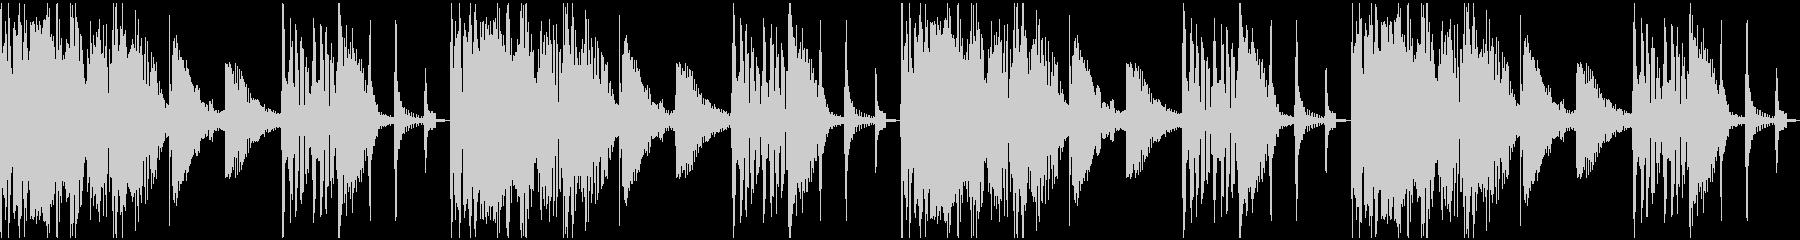 【エレクトロニカ】ロング4、ショート1の未再生の波形